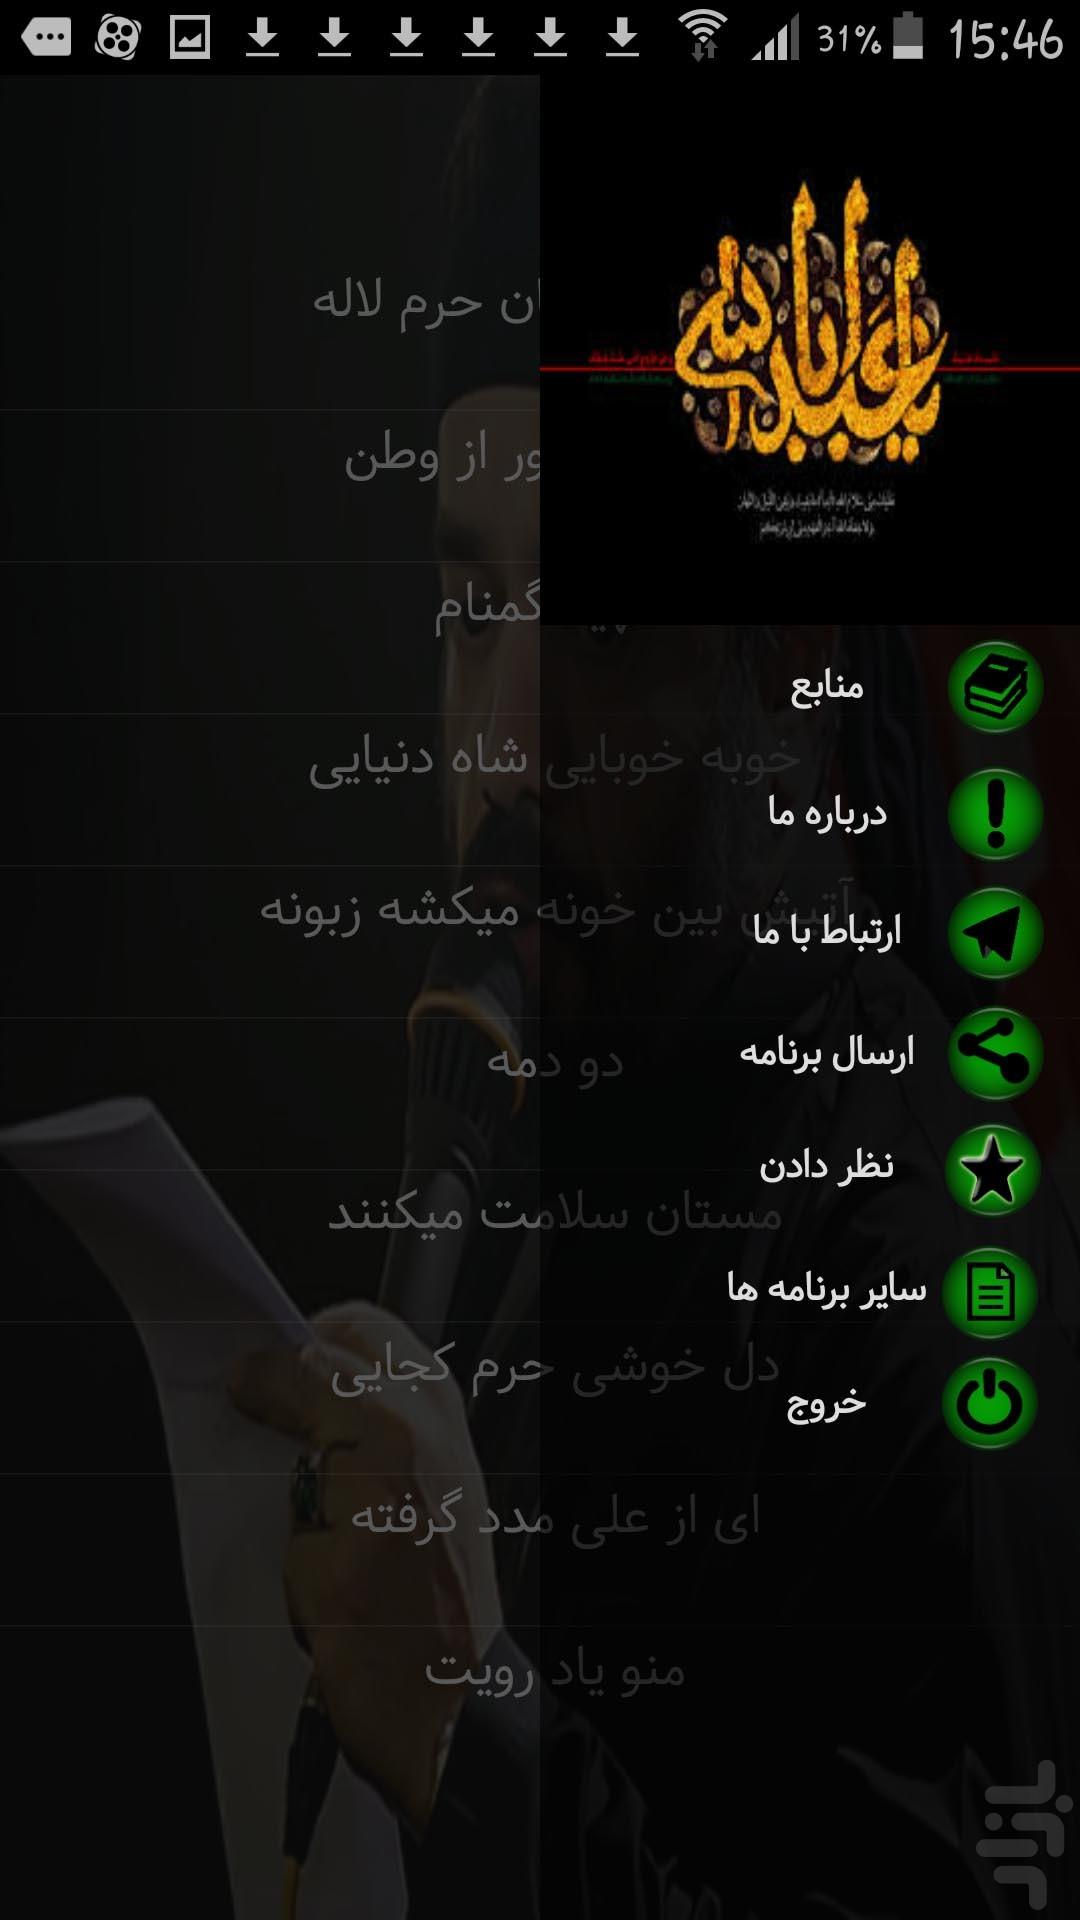 Ya hussain(a. S) dildar hussain(a. S) haj mahmoud karimi youtube.